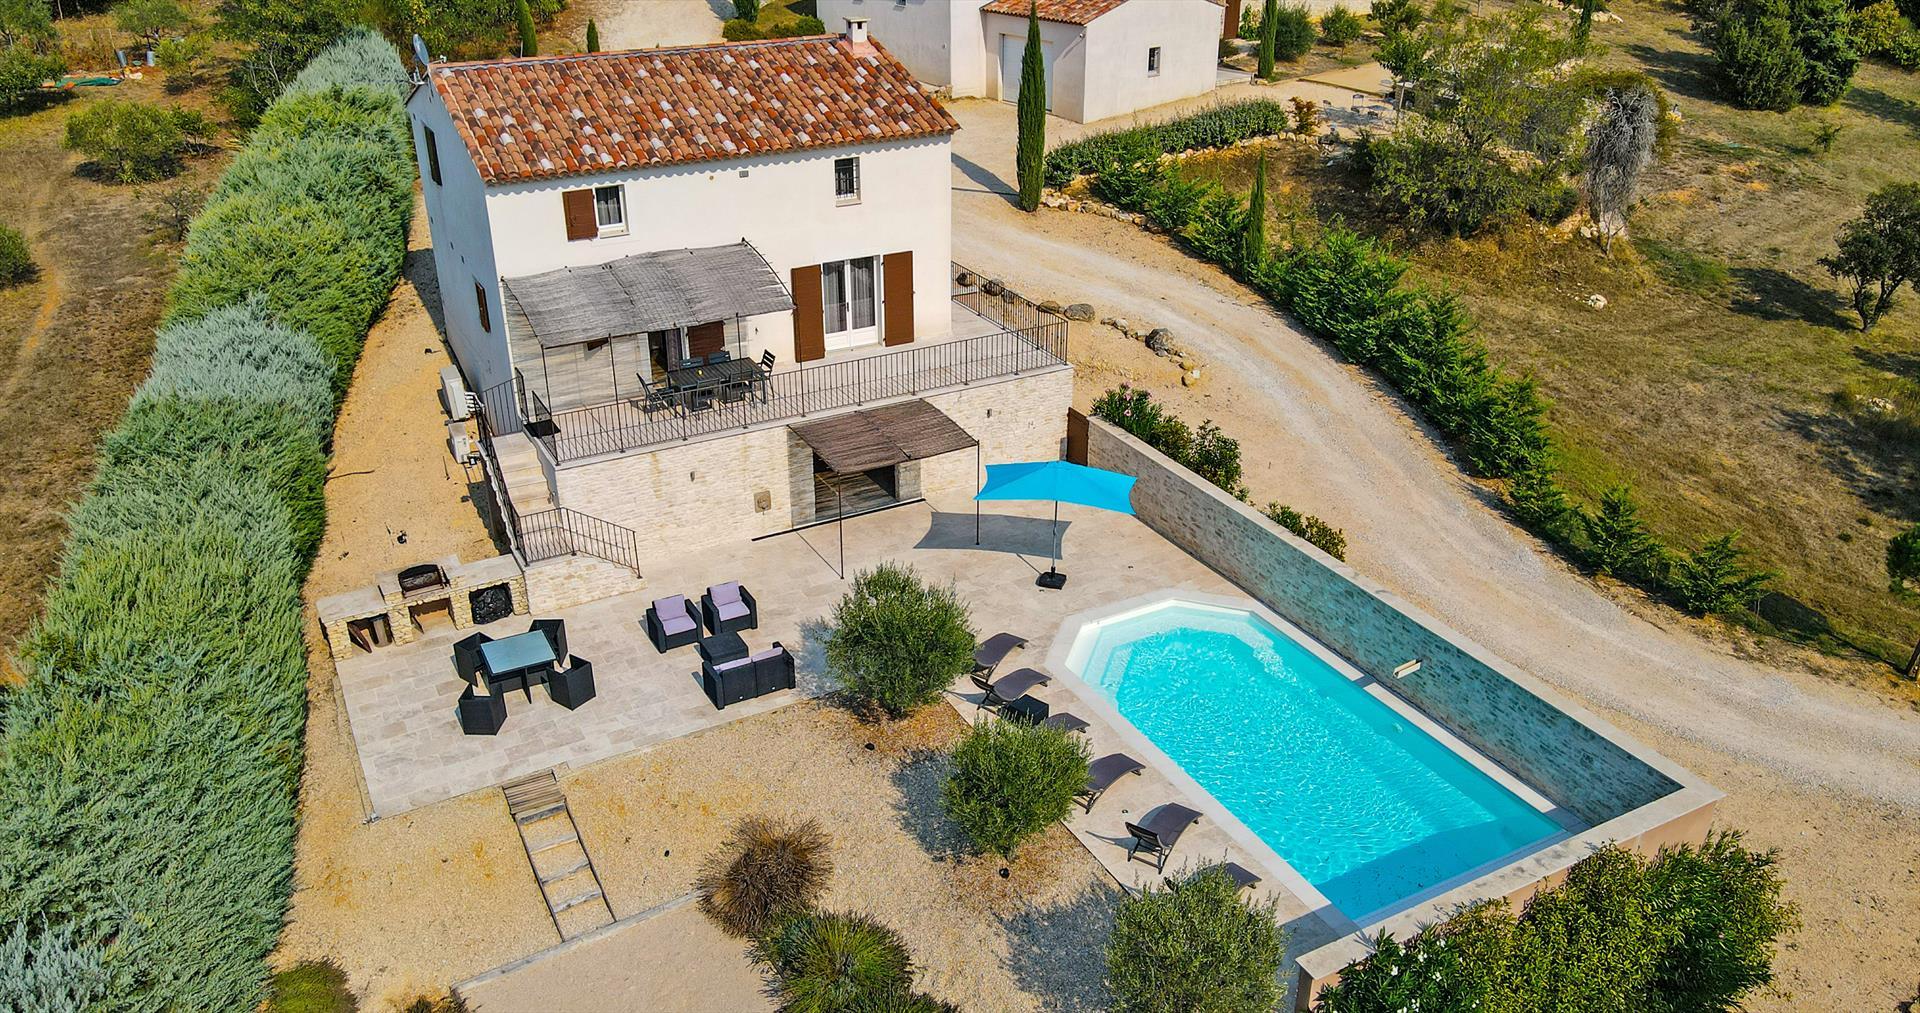 La petite reve,Villa bonita y confortable  con piscina climatizada en Apt, Provence Alpes Cote d'Azur, Francia para 7 personas...